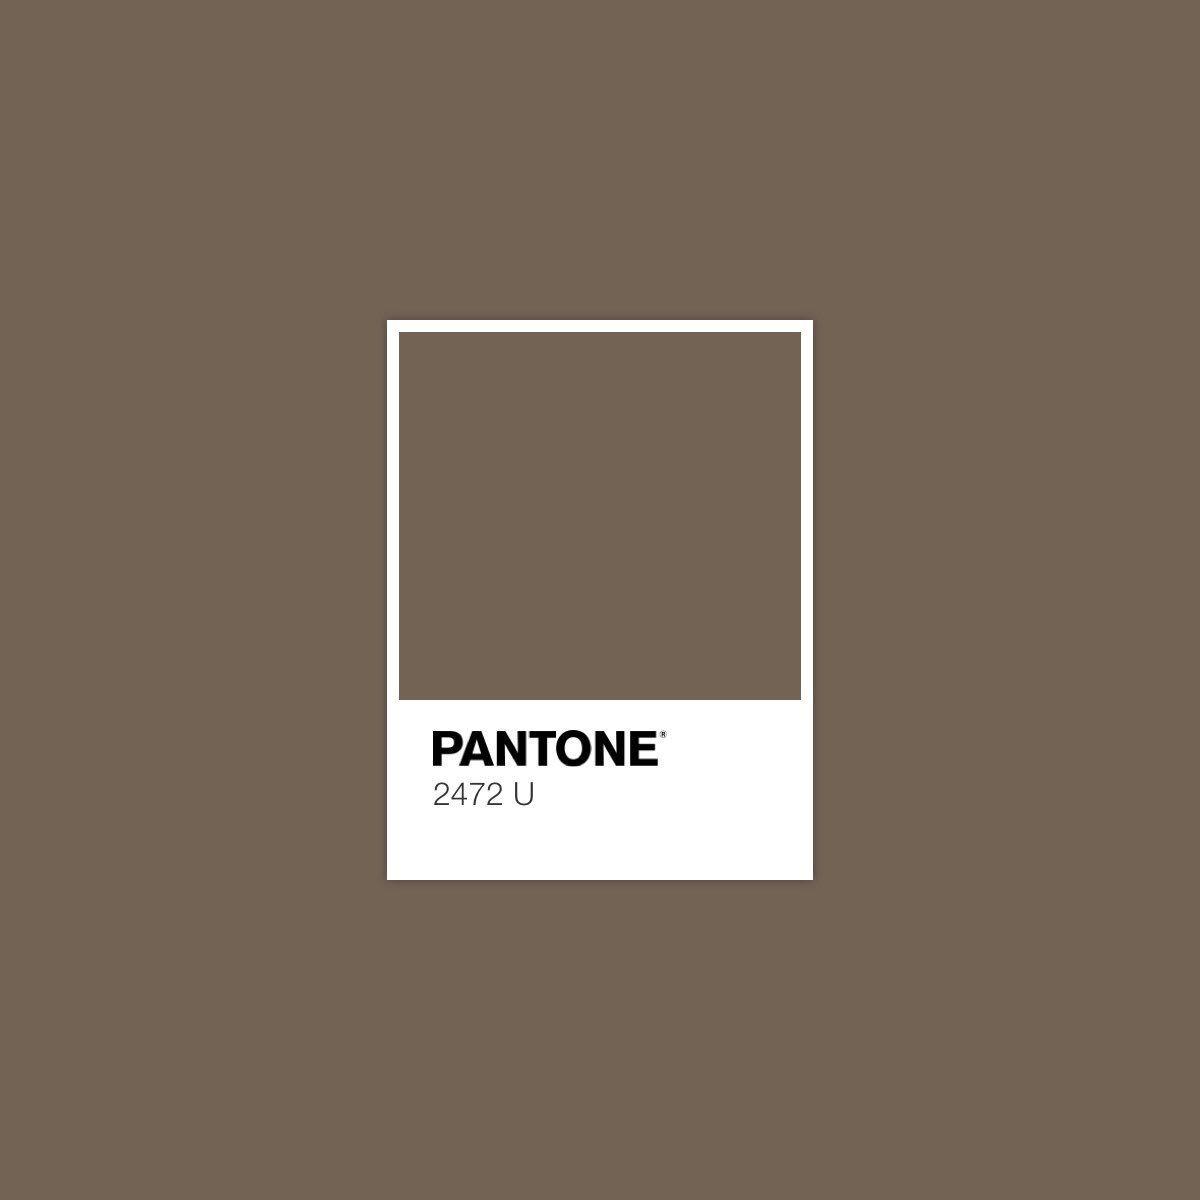 2472 U Pantone Colour Palettes Pantone Color Pantone